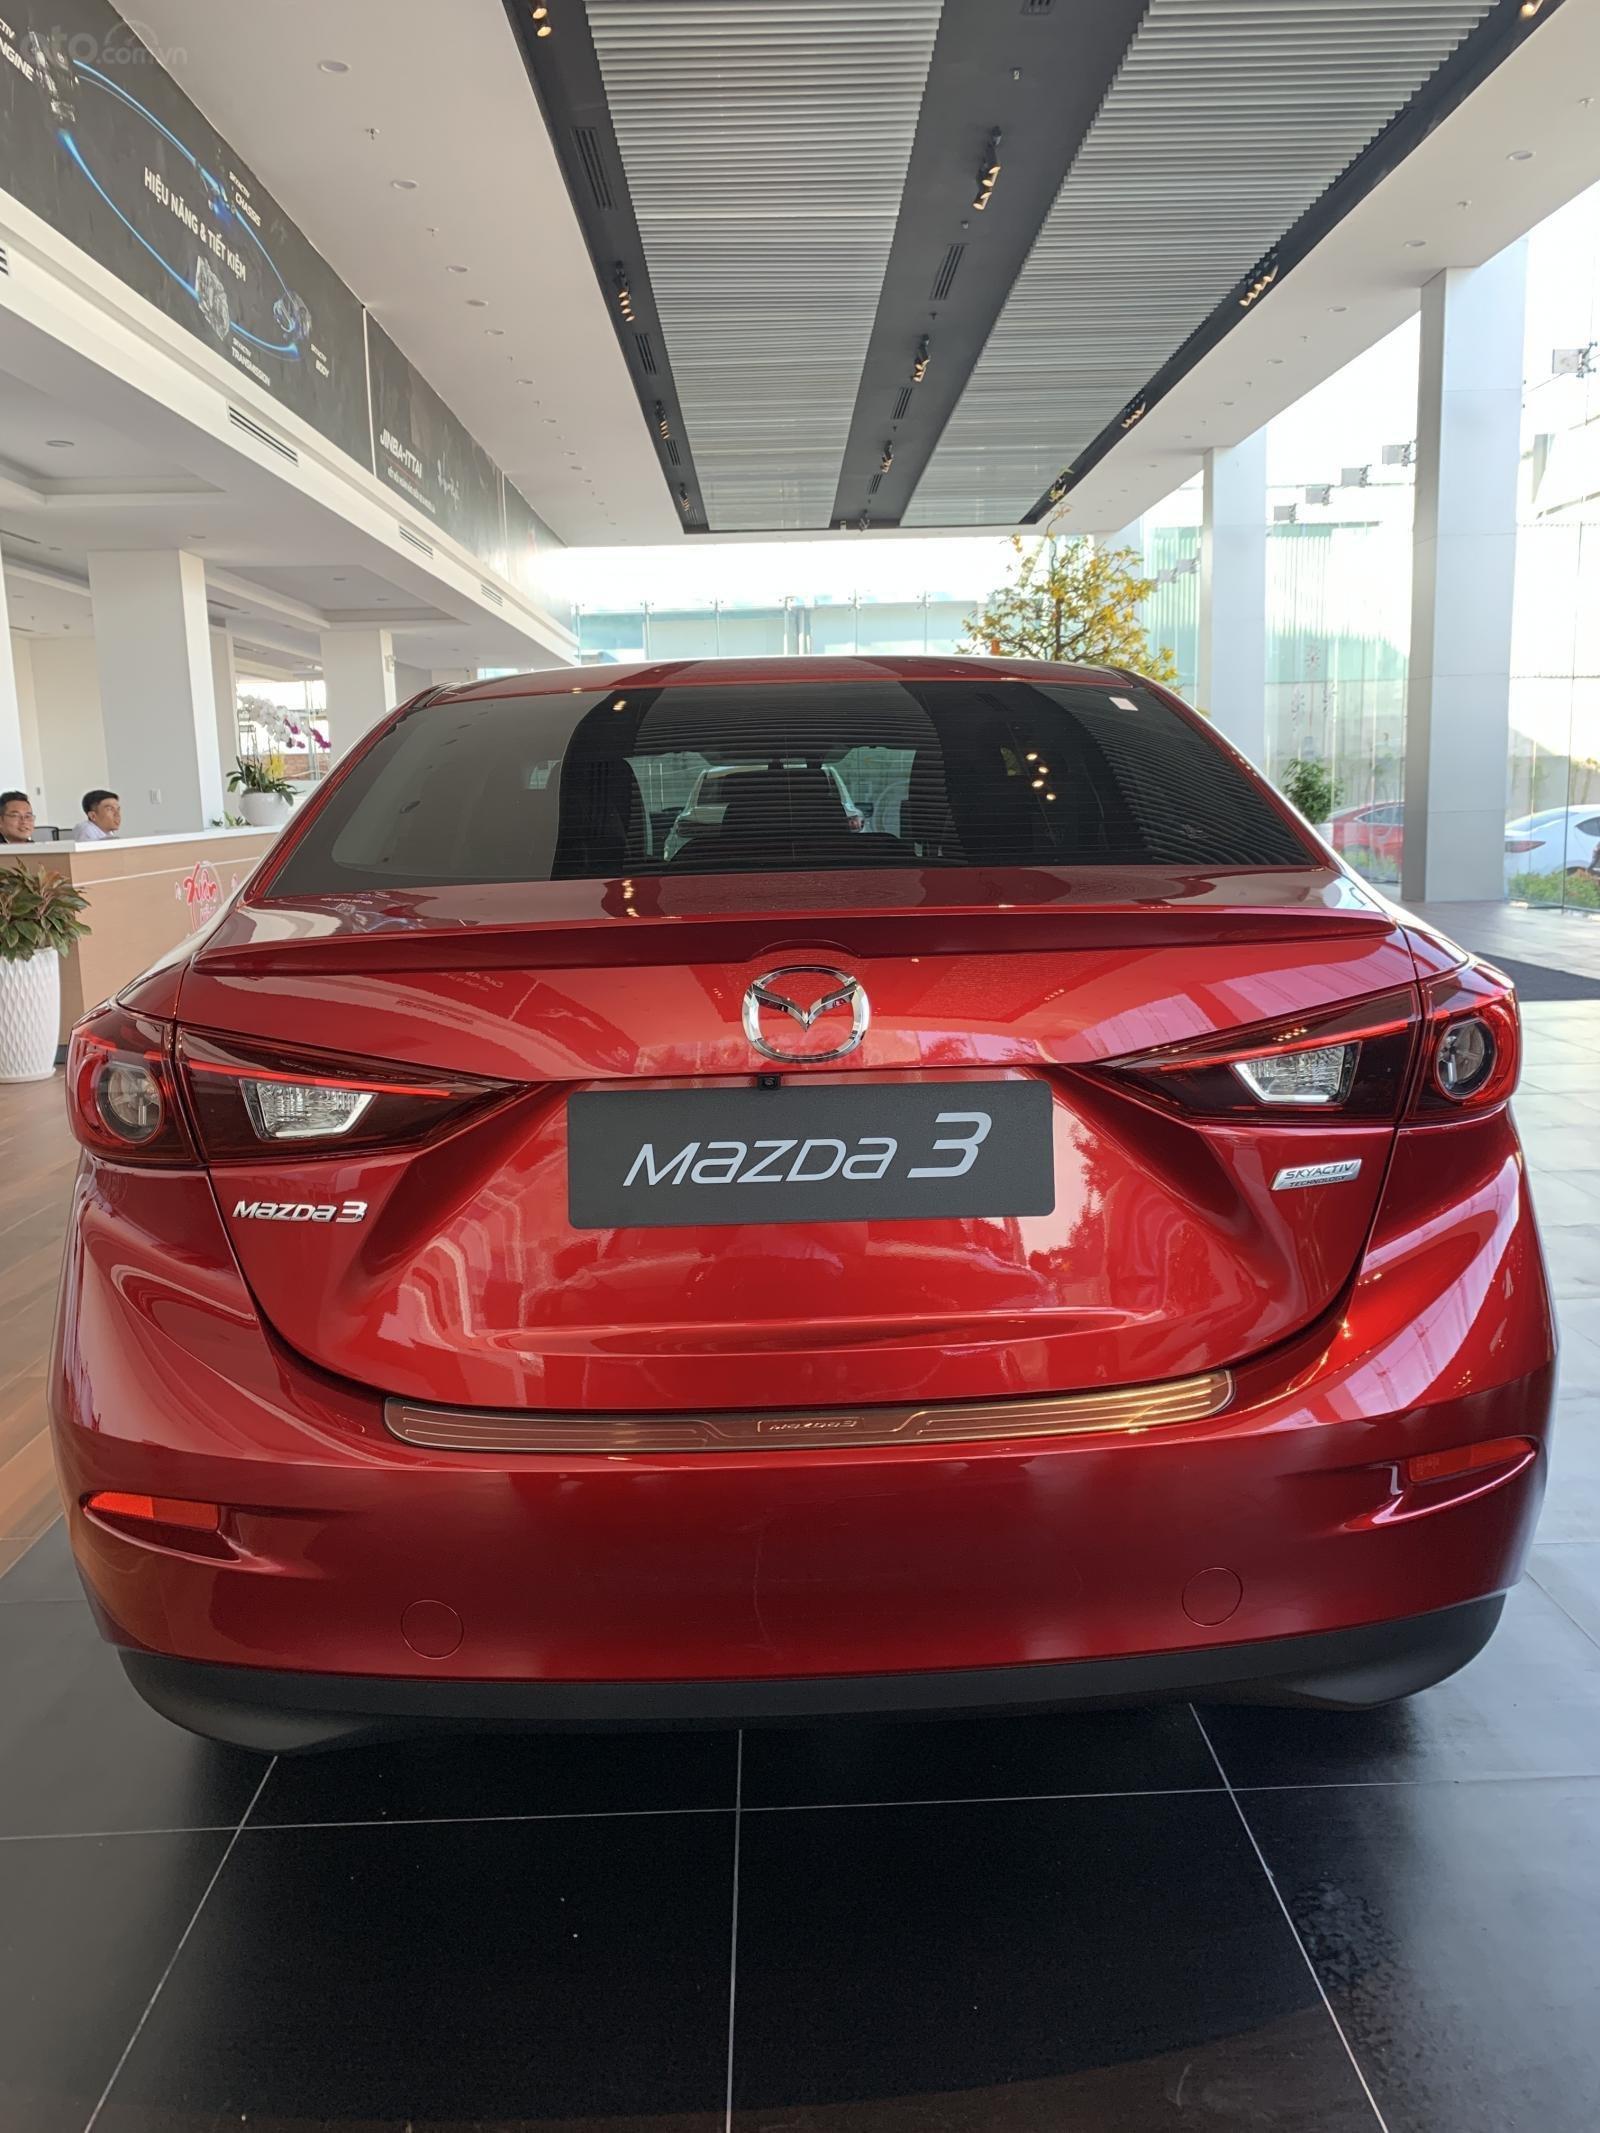 Bán Mazda 3 giá từ 649tr, đủ màu, giao xe ngay, tặng gói bảo dưỡng 3 năm miễn phí-2